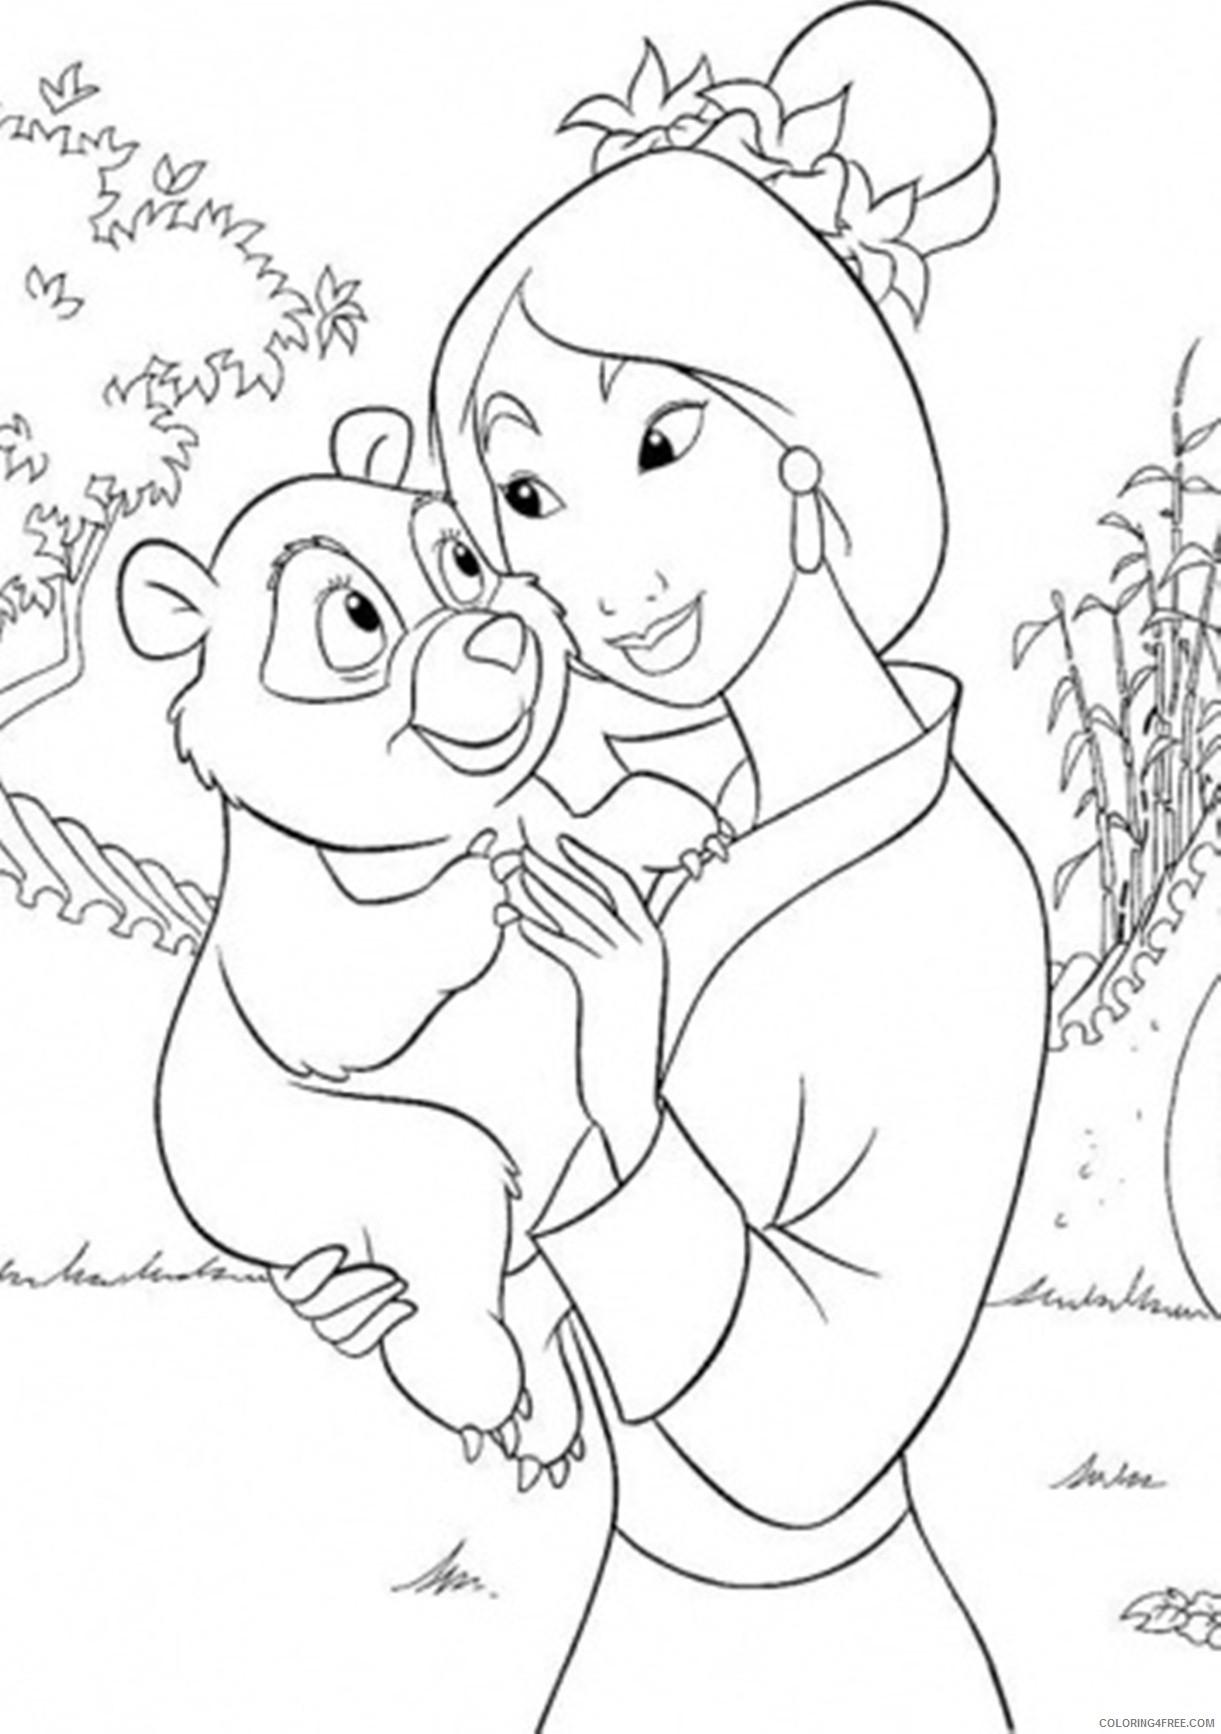 mulan coloring pages and panda Coloring4free